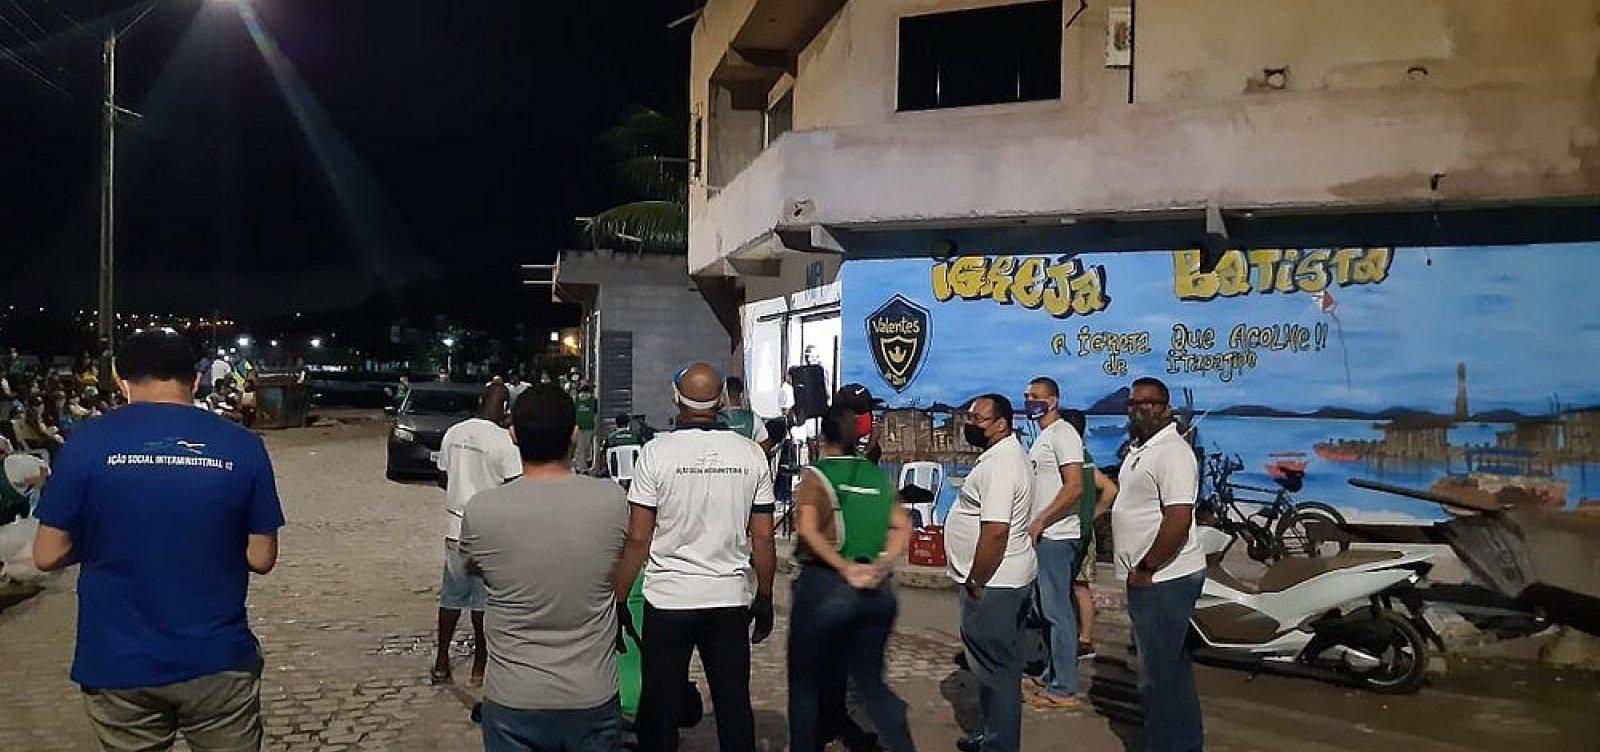 [Polícia encerra culto evangélico que reunia dezenas de pessoas em Massaranduba]